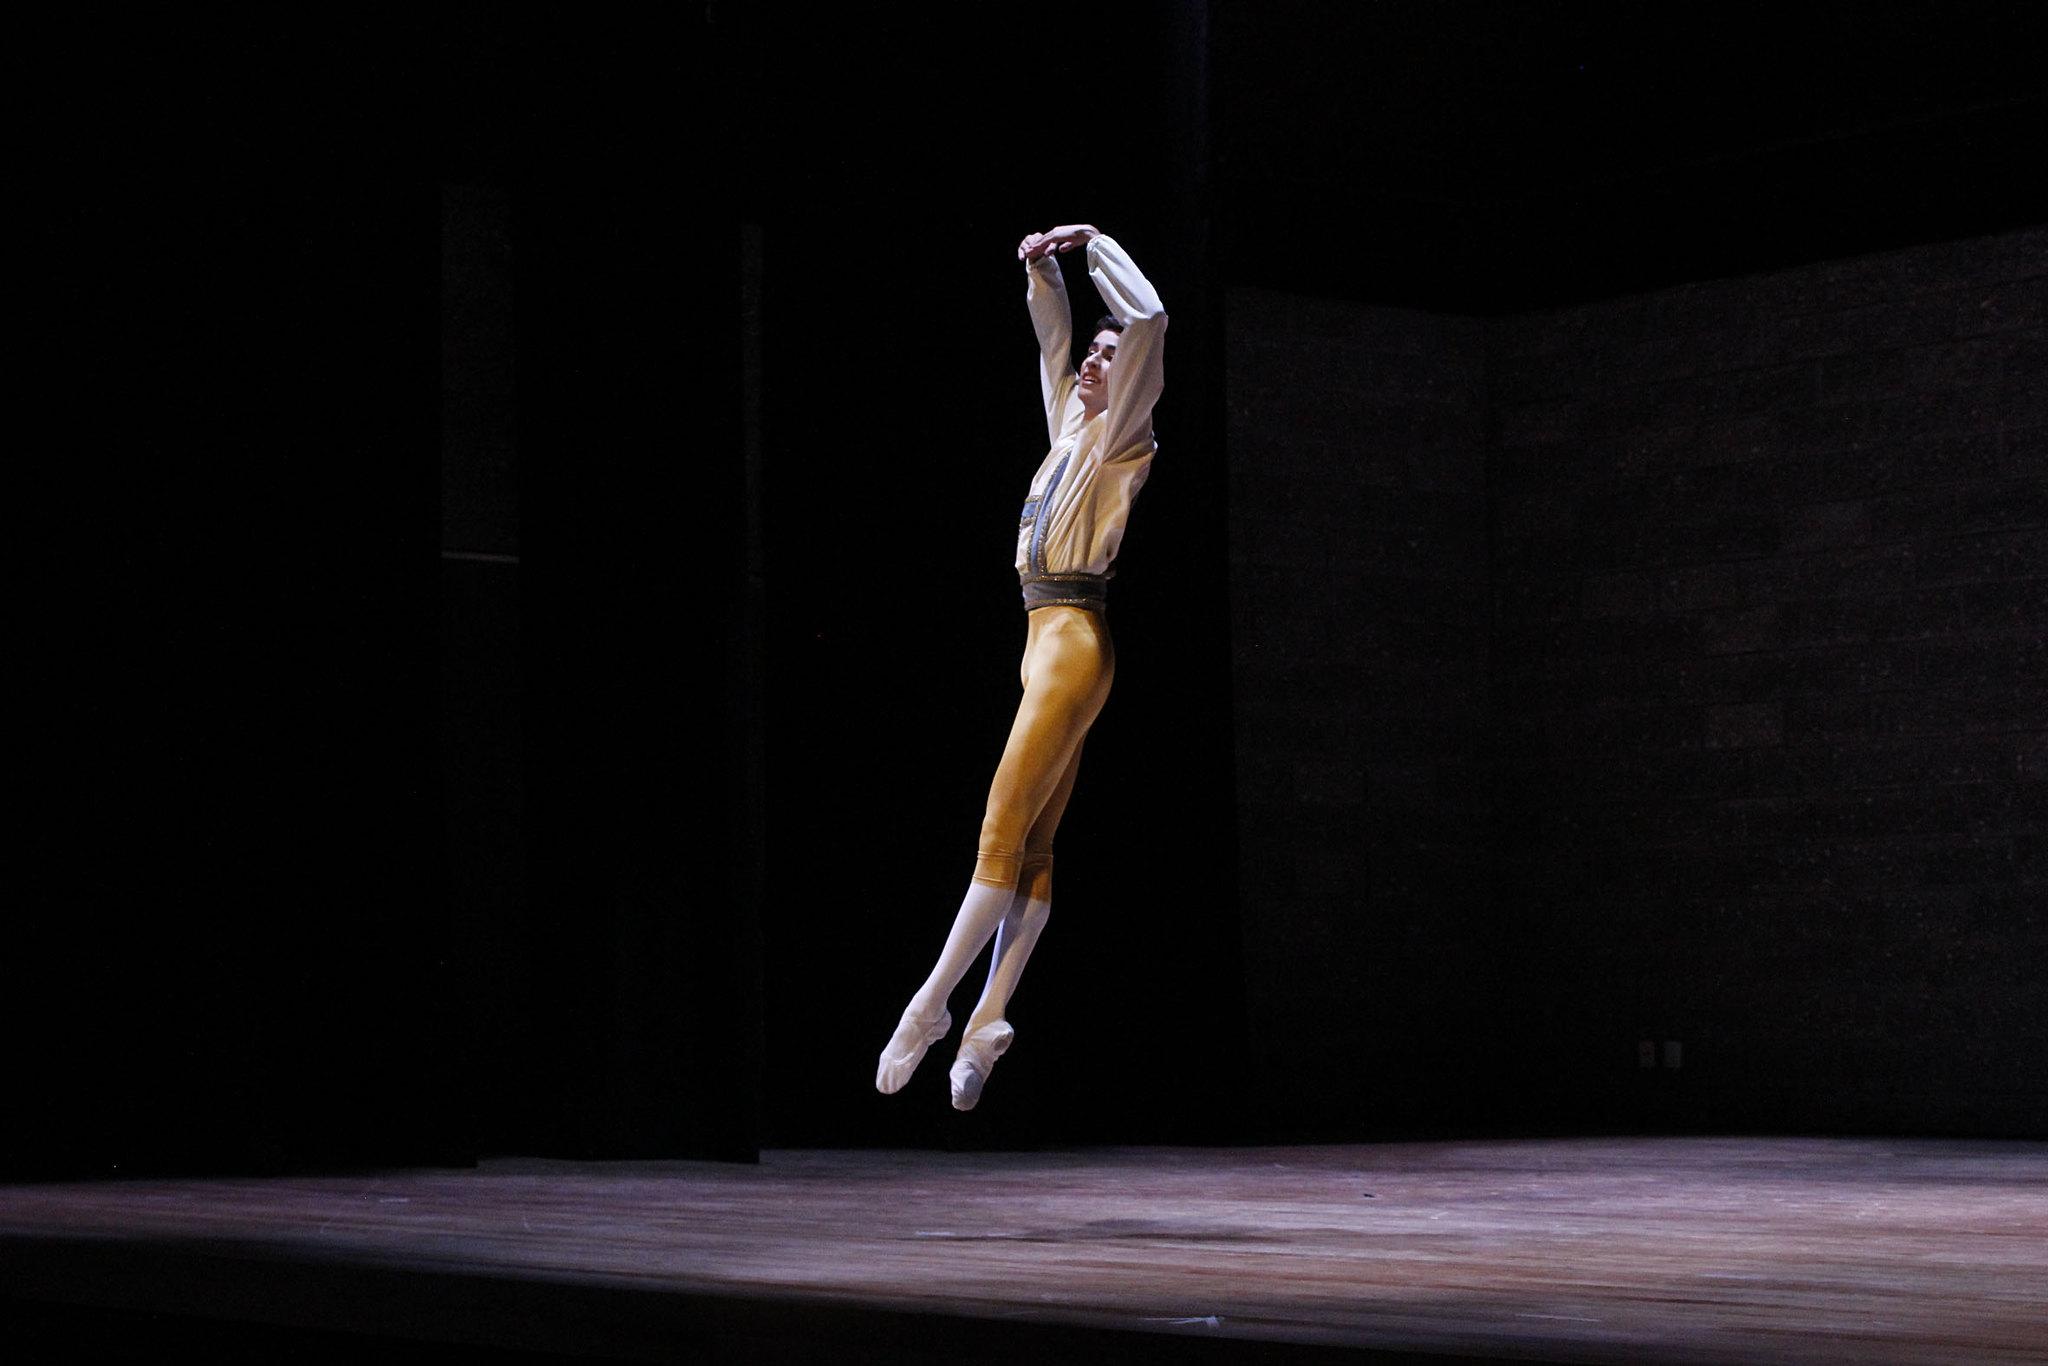 Presenta Zapopan gala de ballet en el Centro Cultural Constitución